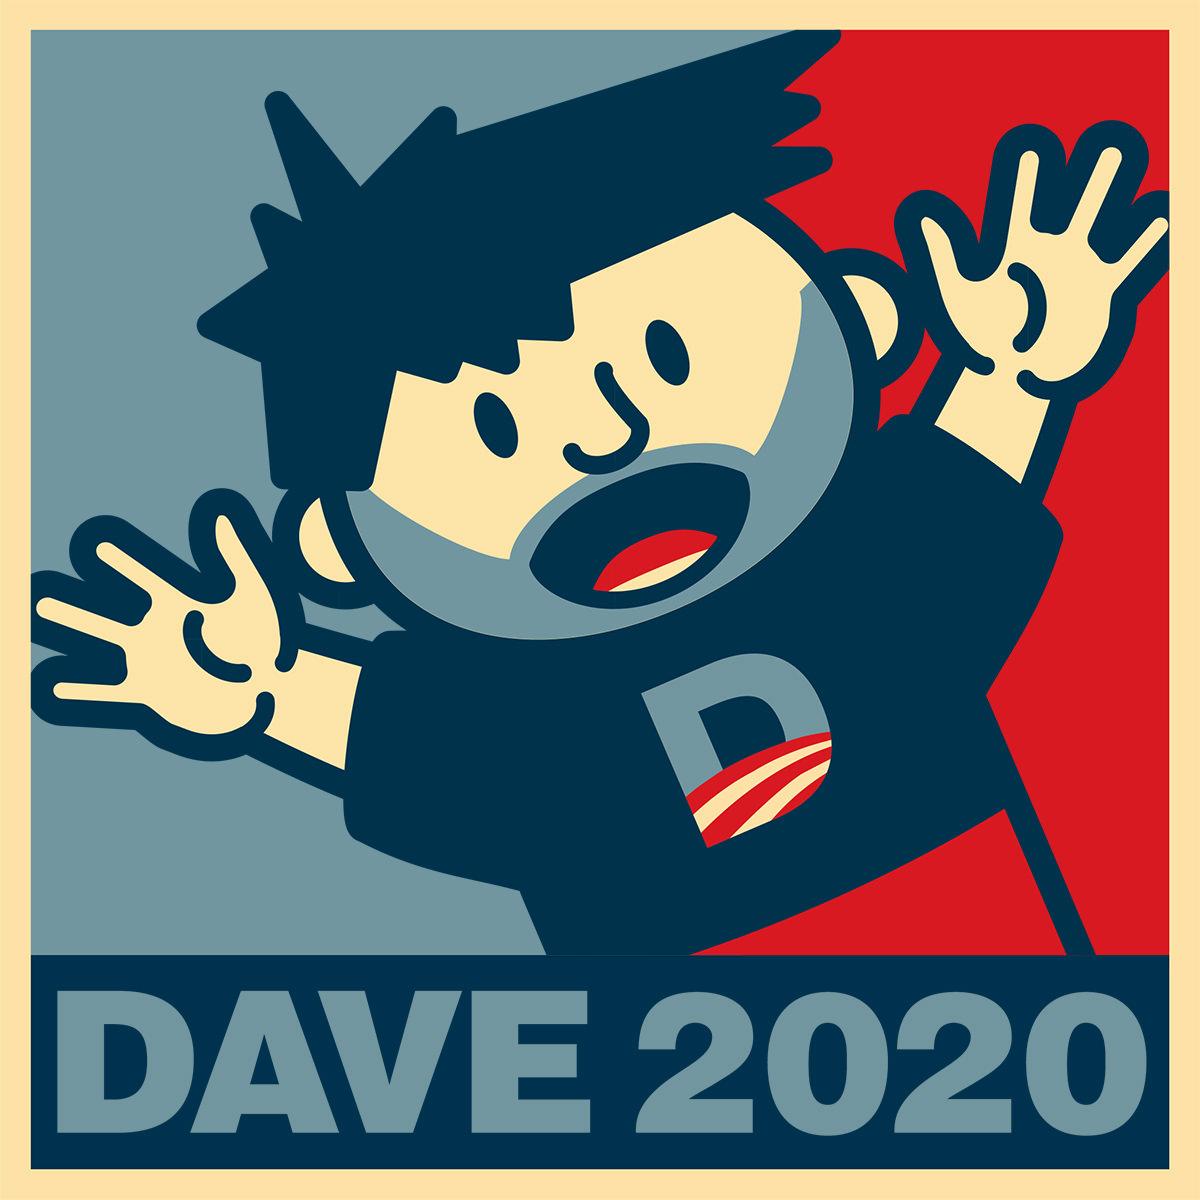 VOTE DAVE in 2020!